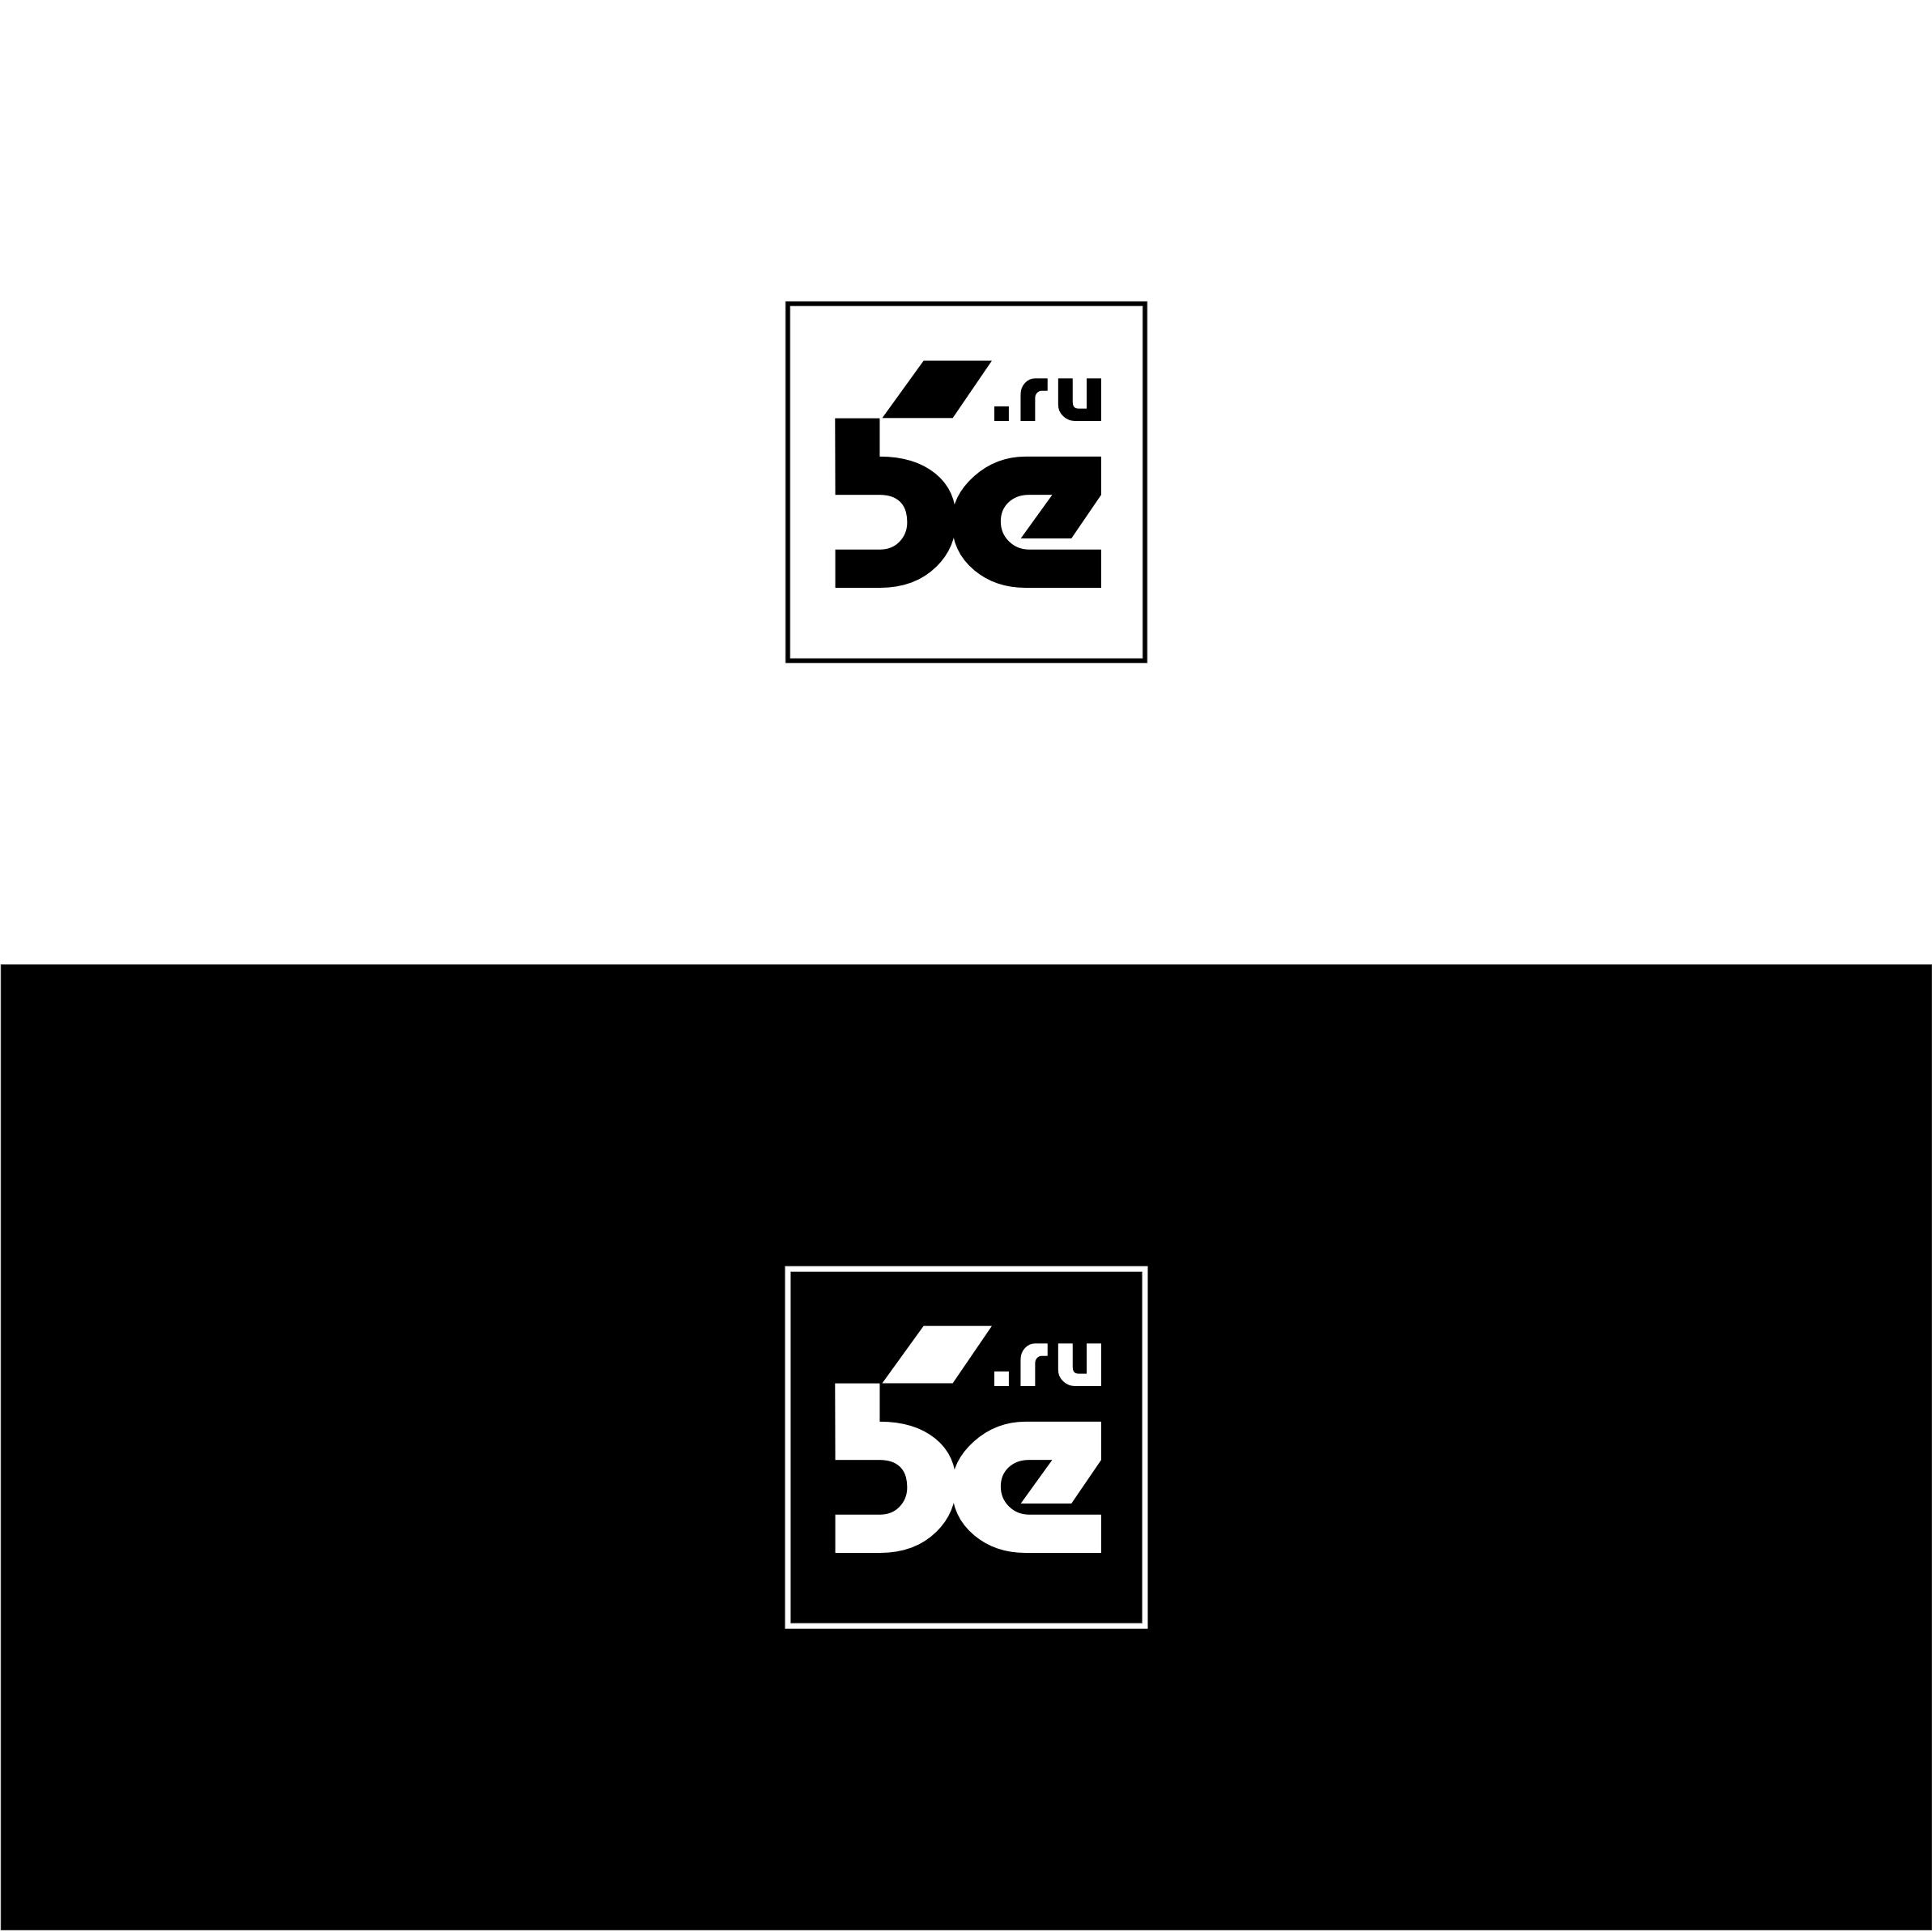 Нарисовать логотип для группы компаний  фото f_6985cdb9c0e0f10a.jpg